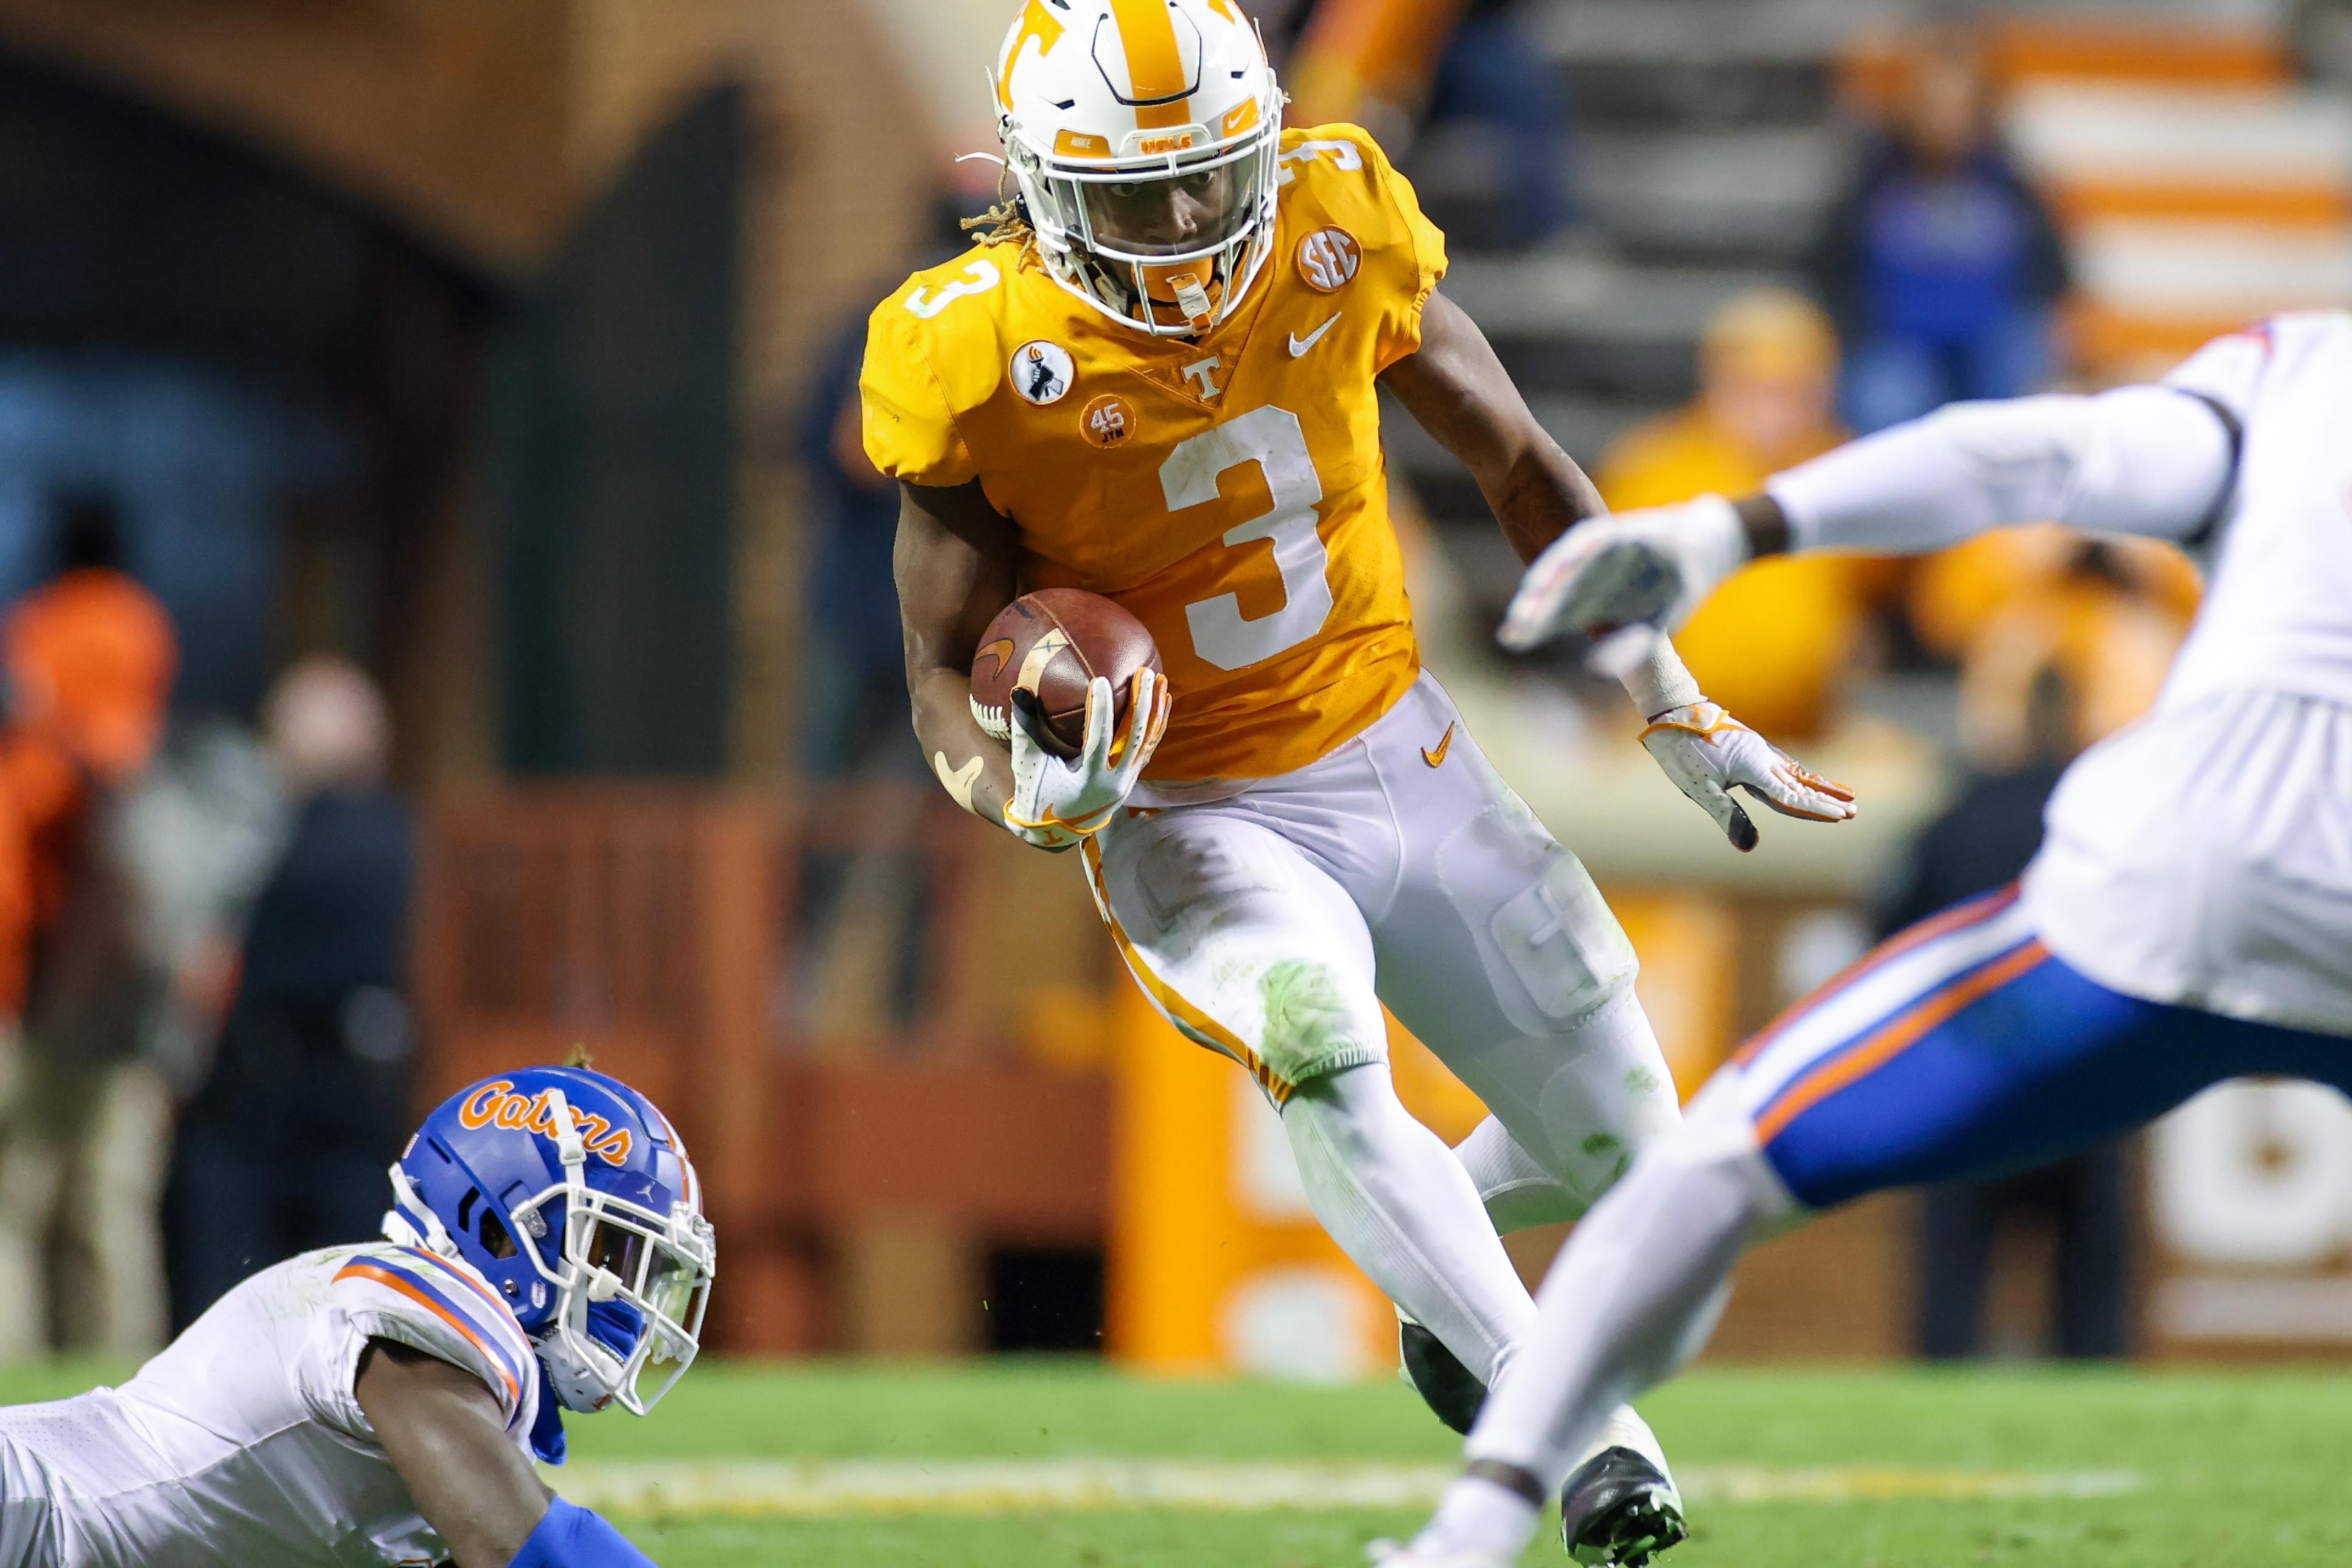 Week 12 SEC football score predictions; Vols look to snap 6-game losing streak, avoid disaster